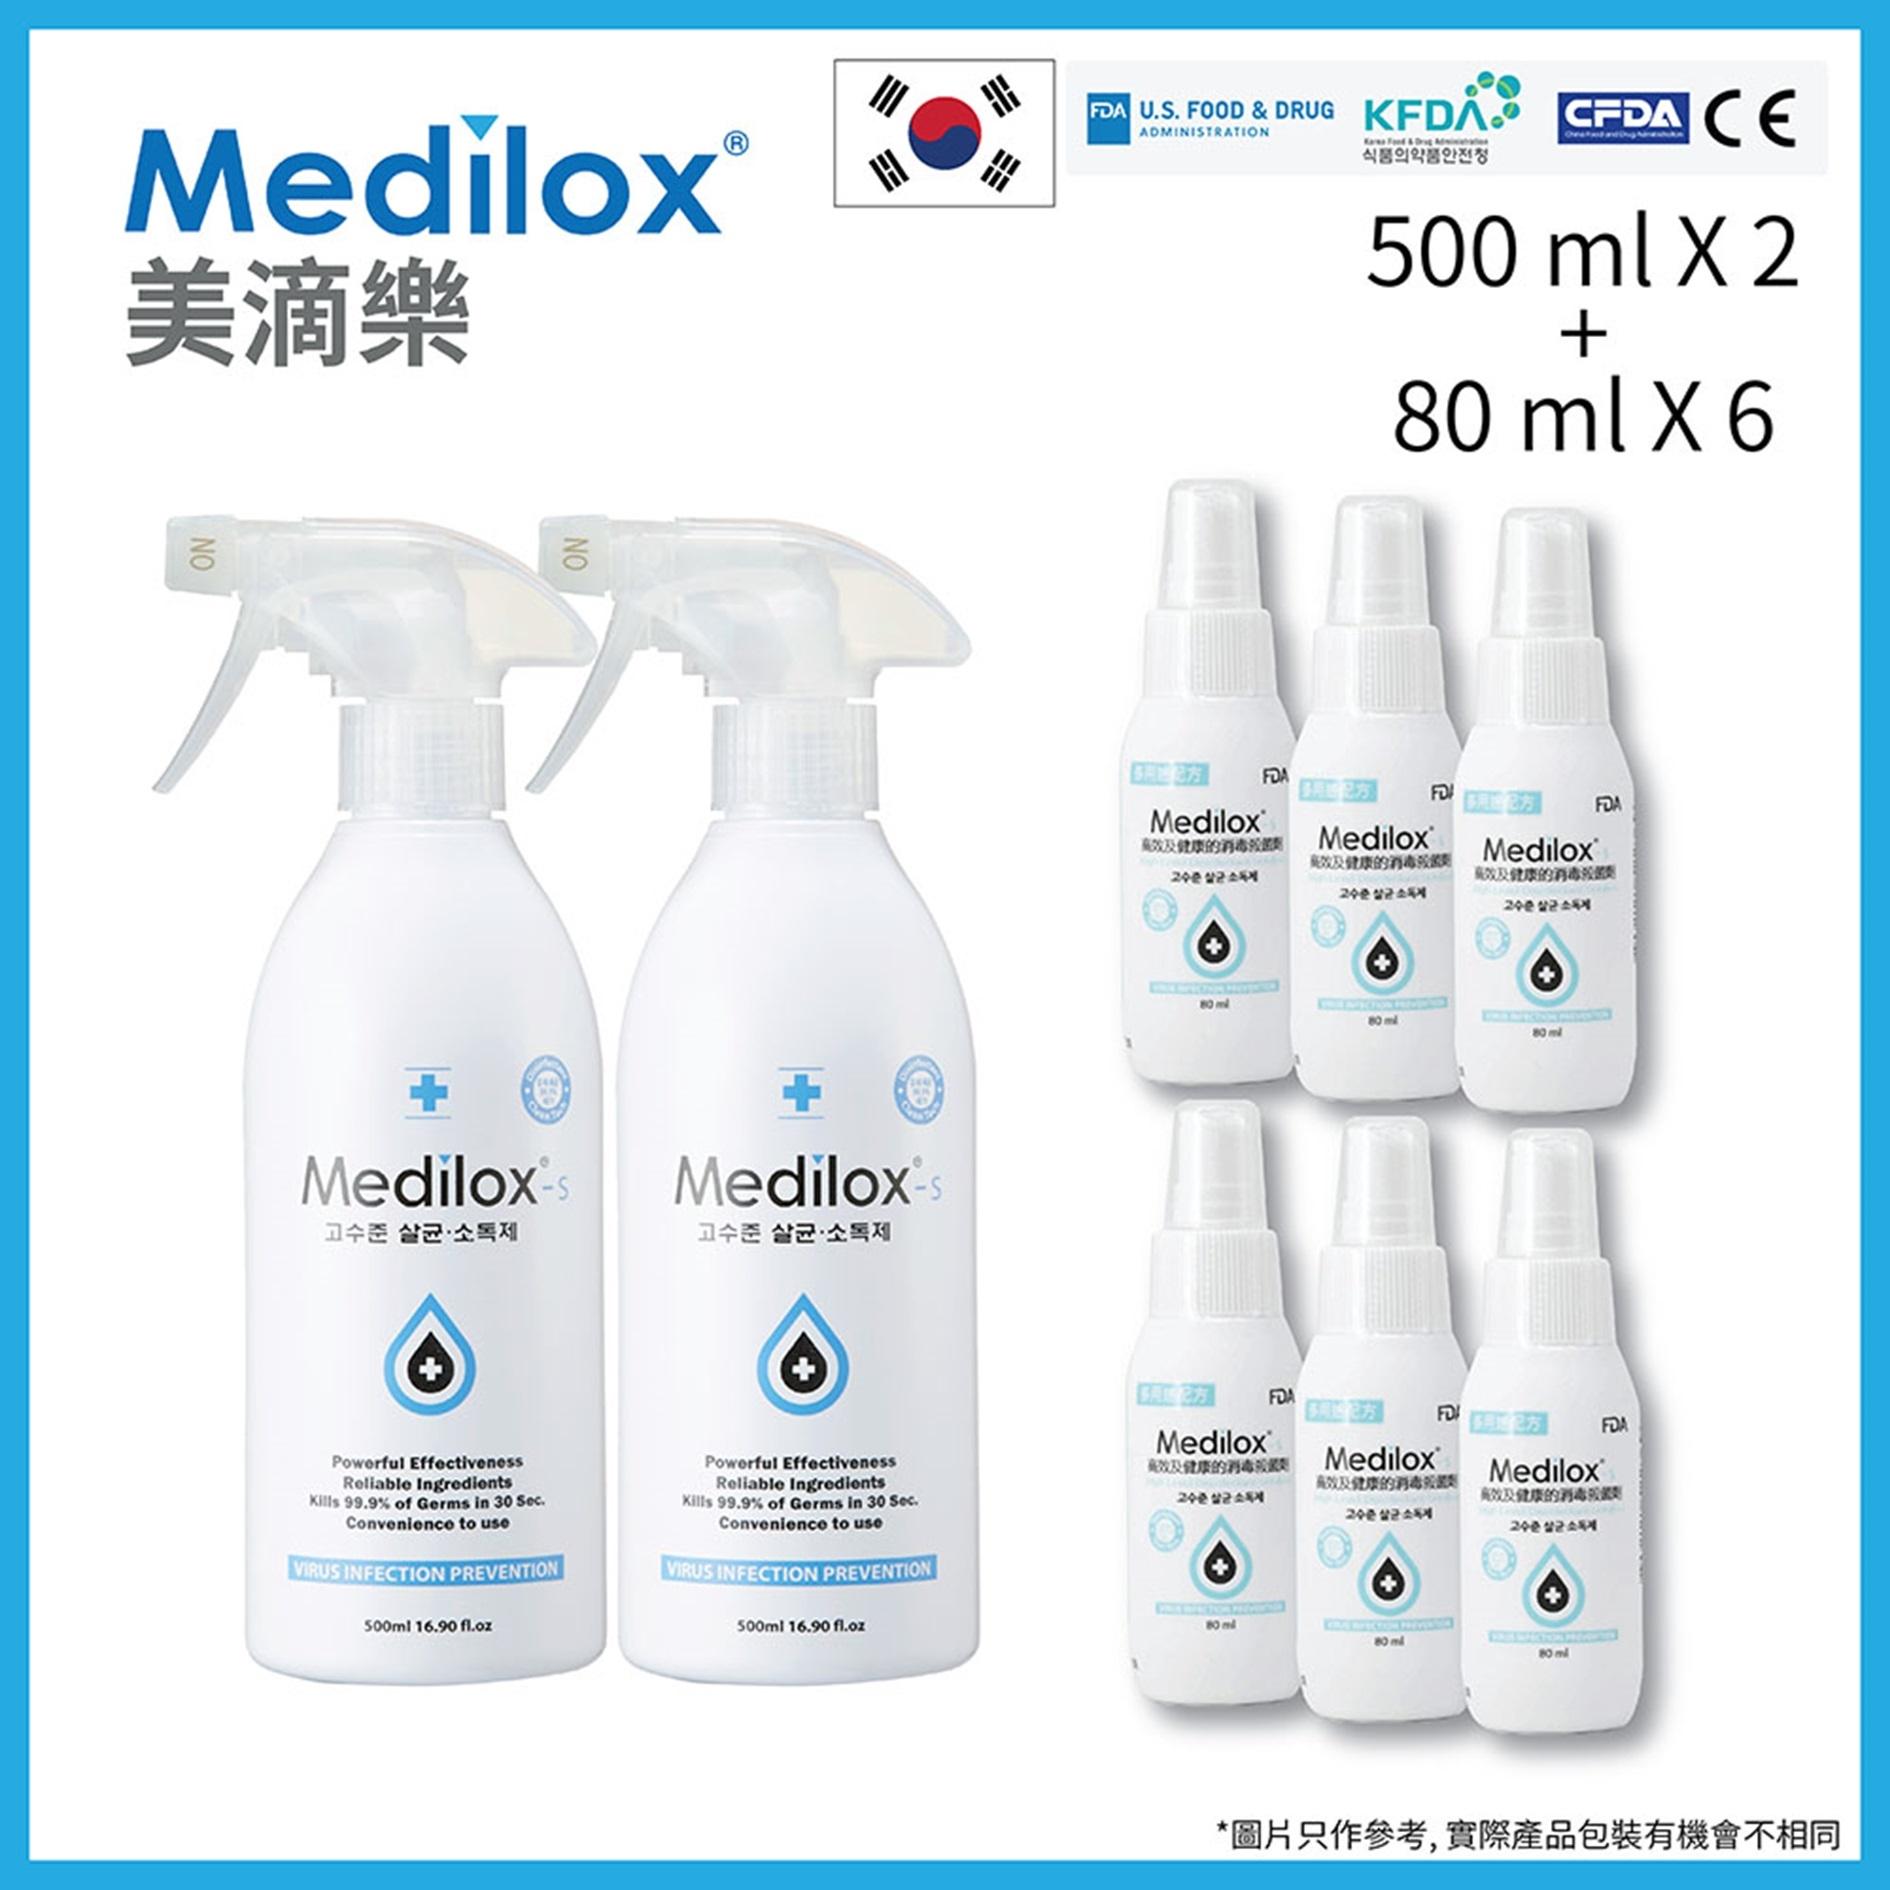 Medilox